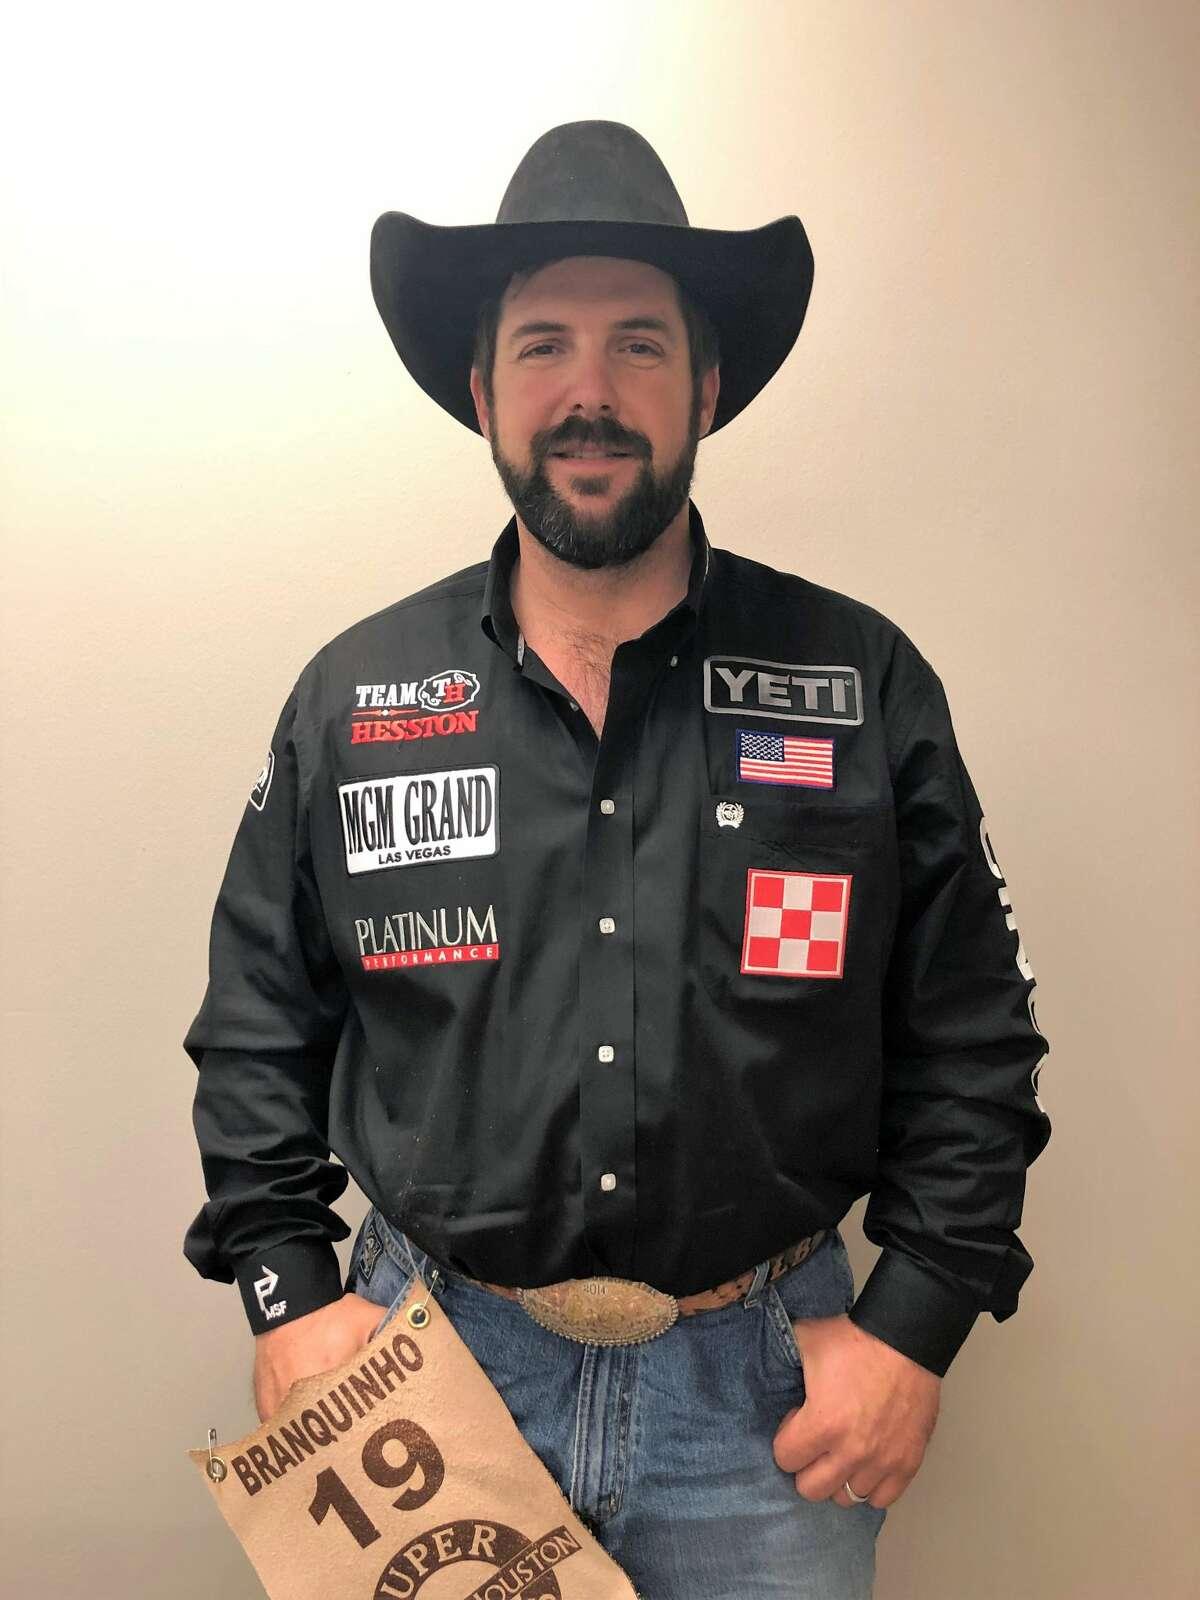 Luke Branquinho Event: Steer wrestling Age: 38 From: California